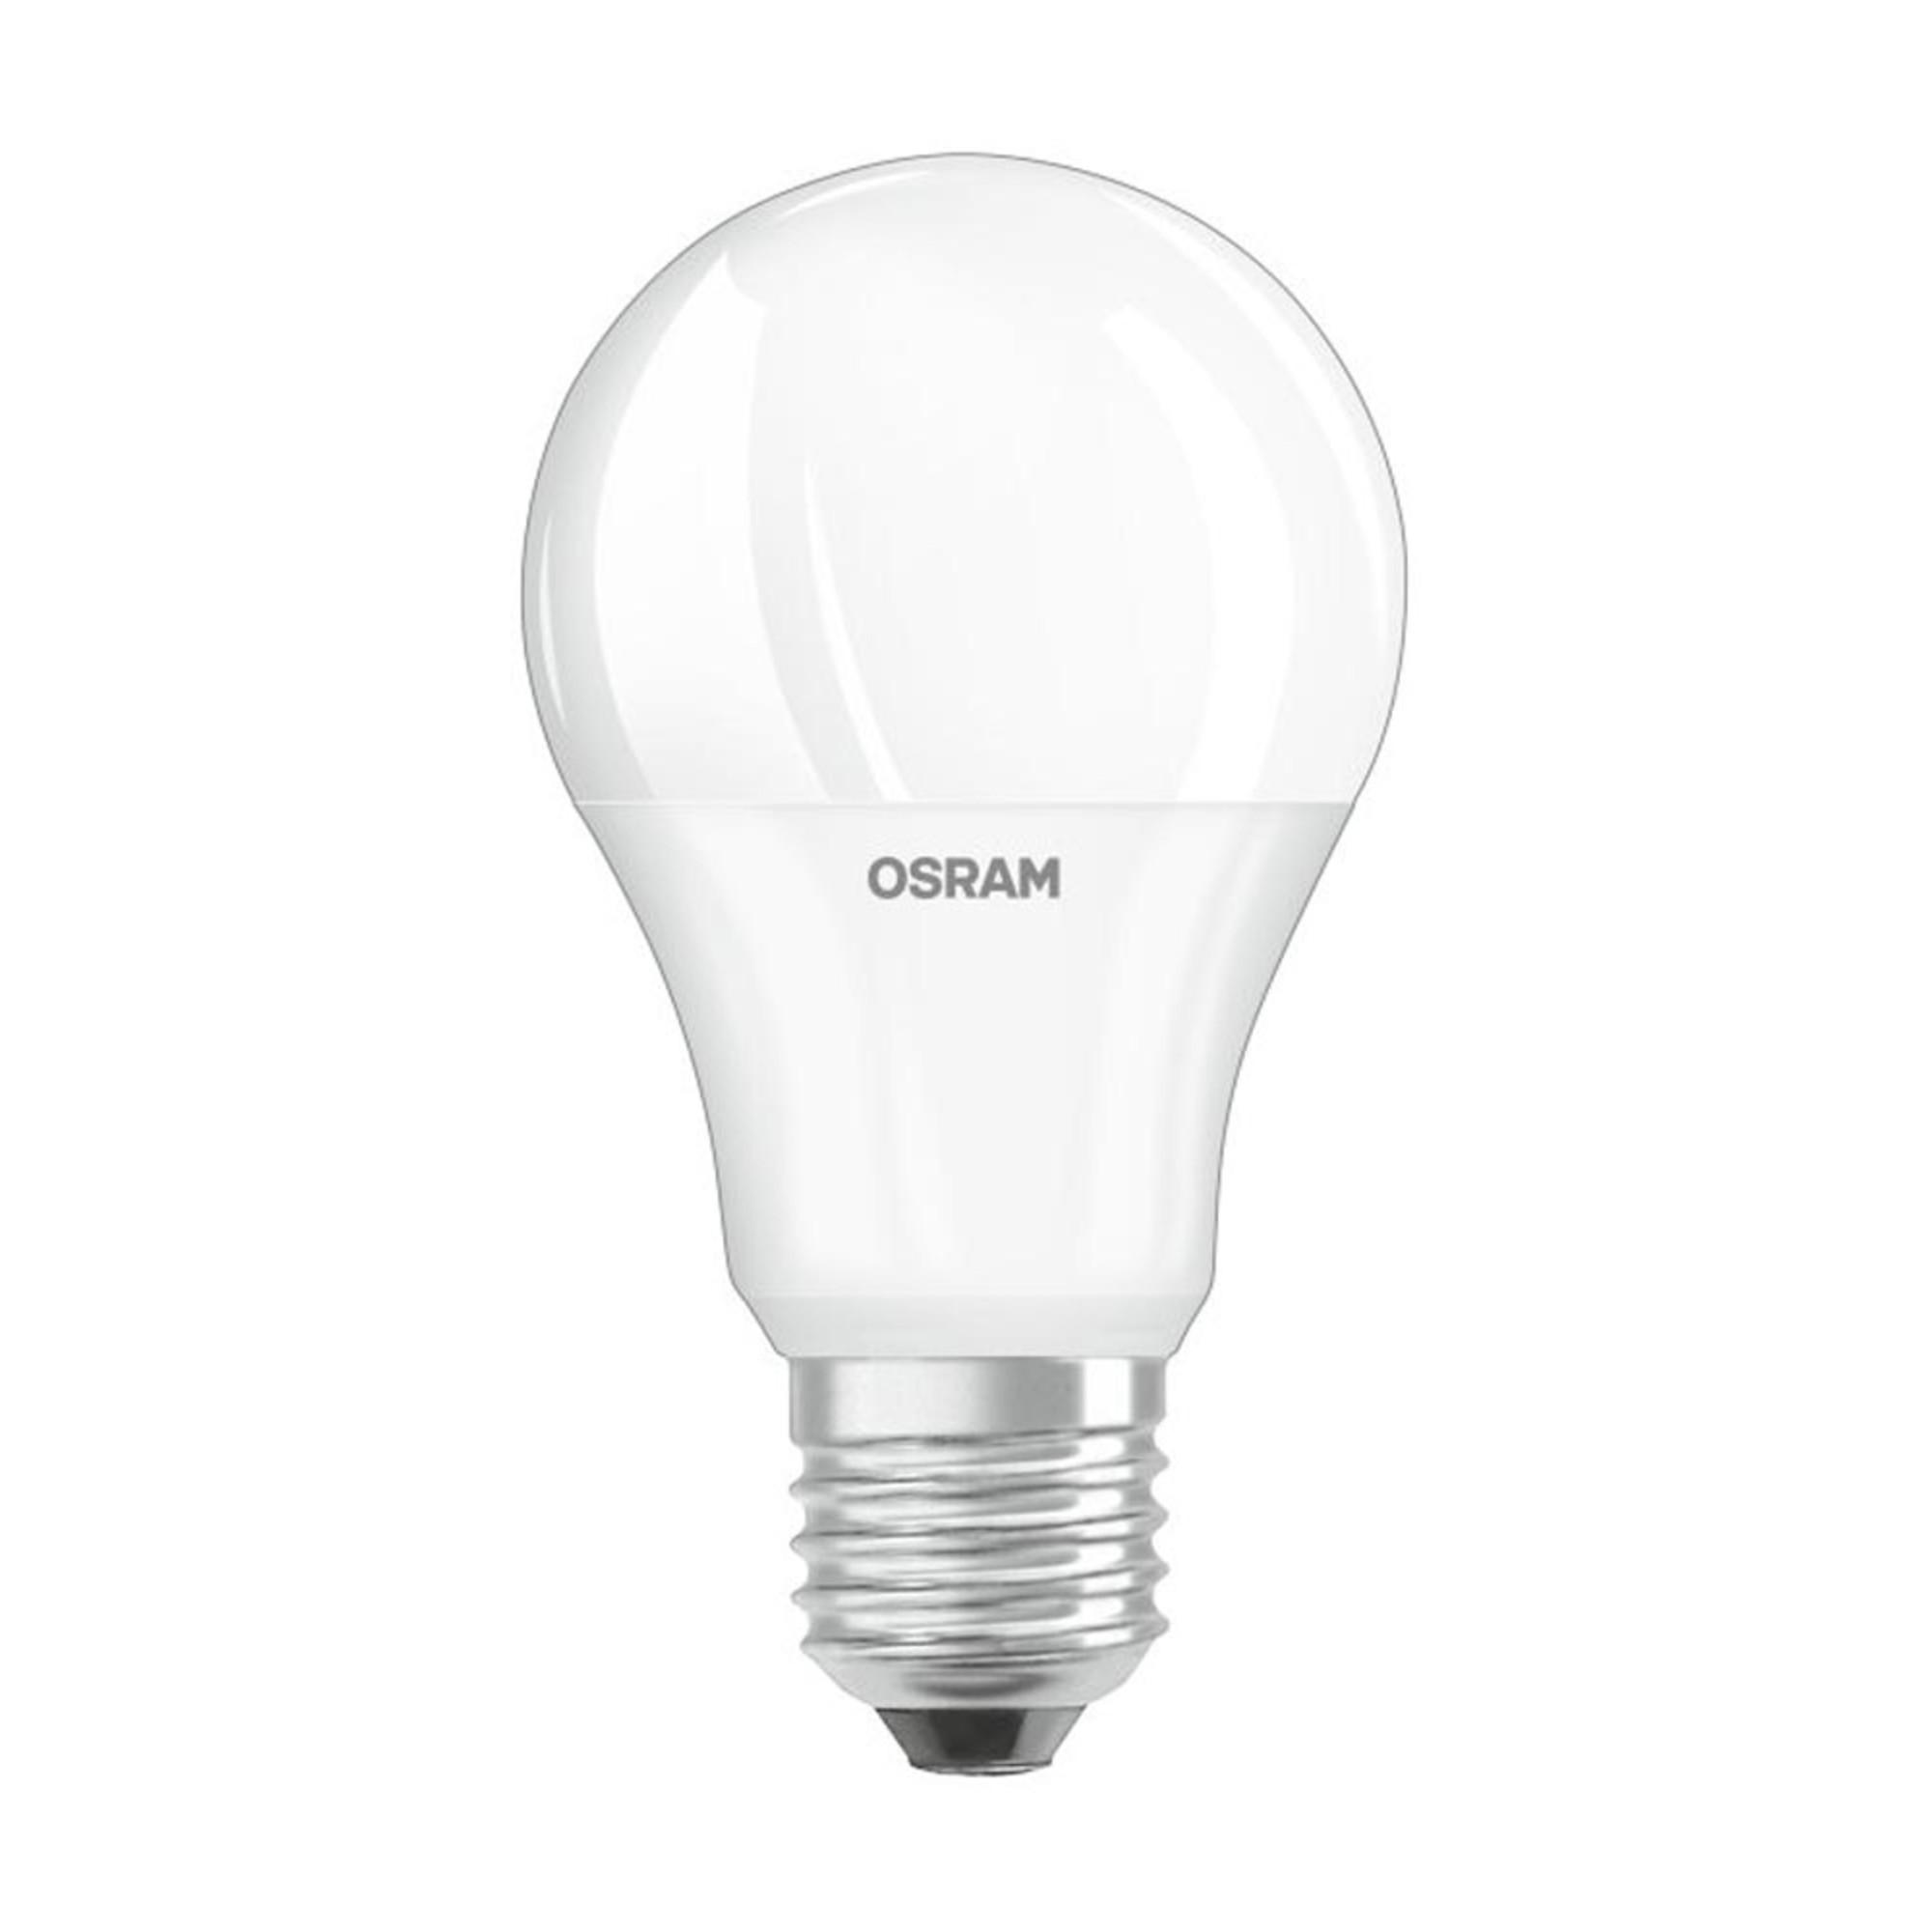 Лампа светодиодная Osram E27 13 Вт груша матовая 1521 лм холодный белый свет